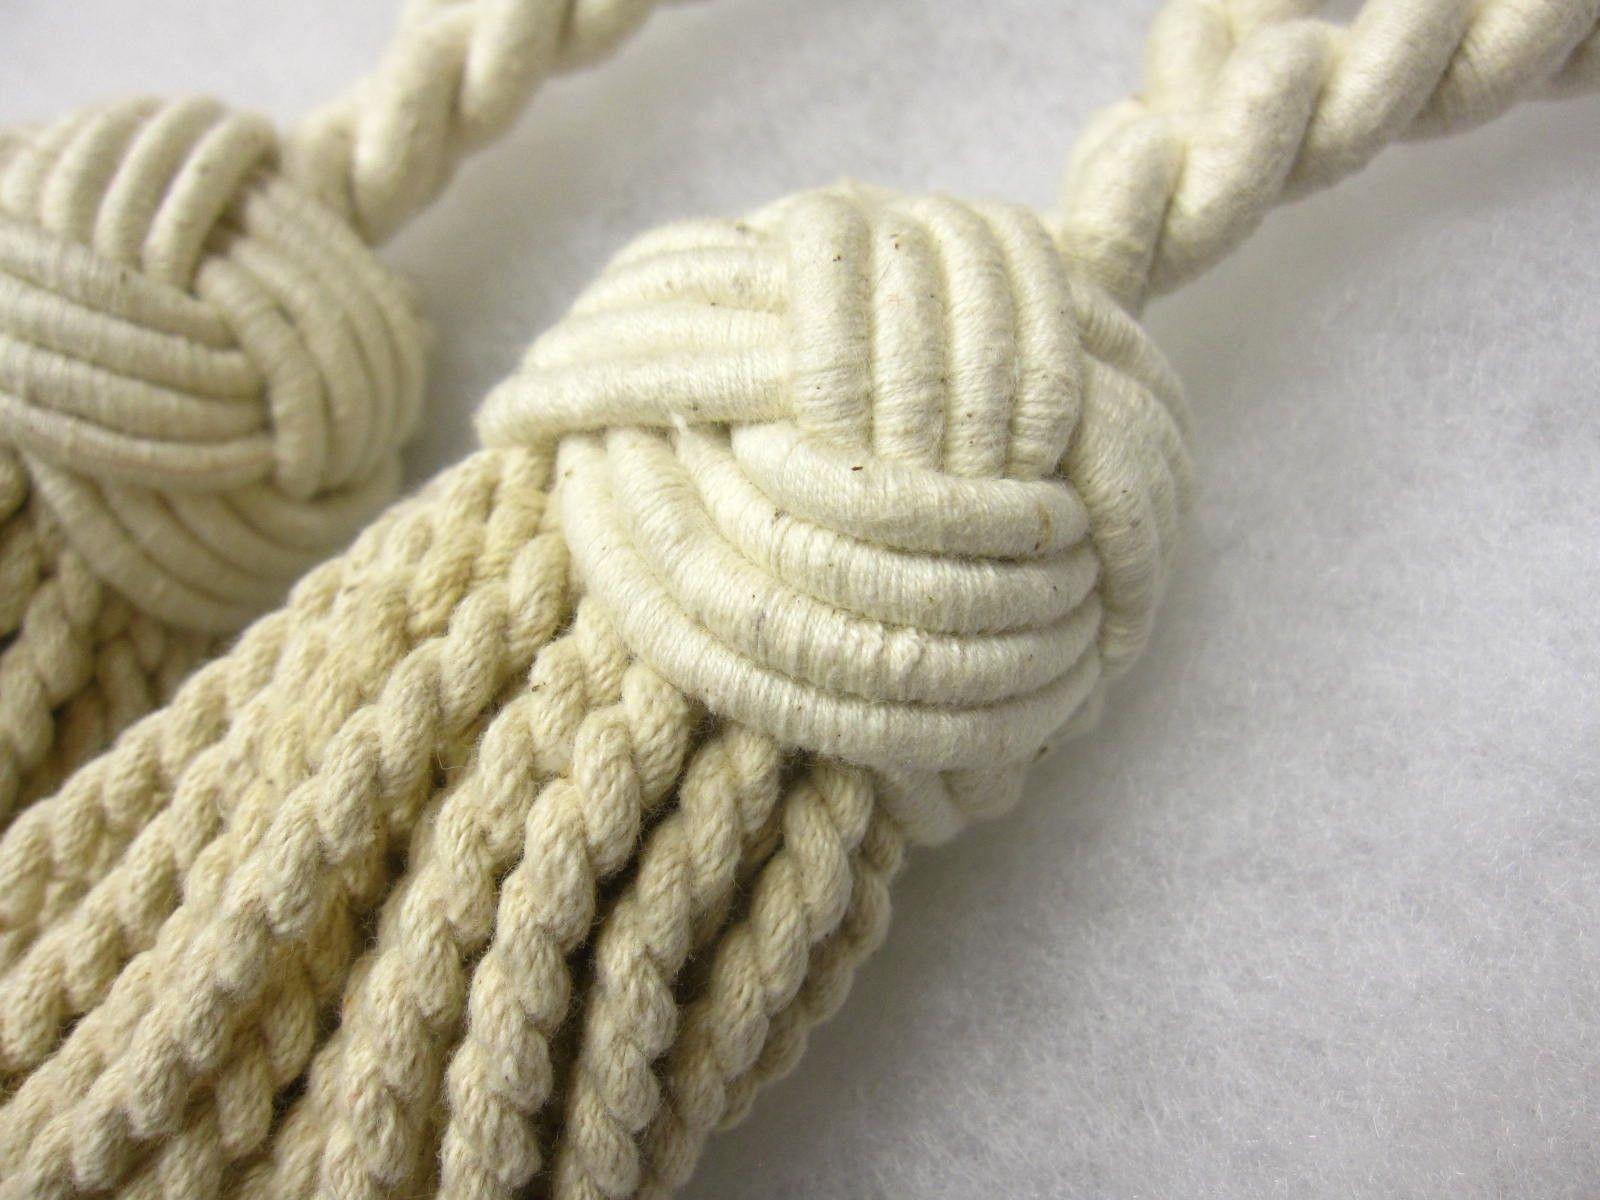 2 Turks head curtain tassel tiebacks natural cotton tie backs fabric